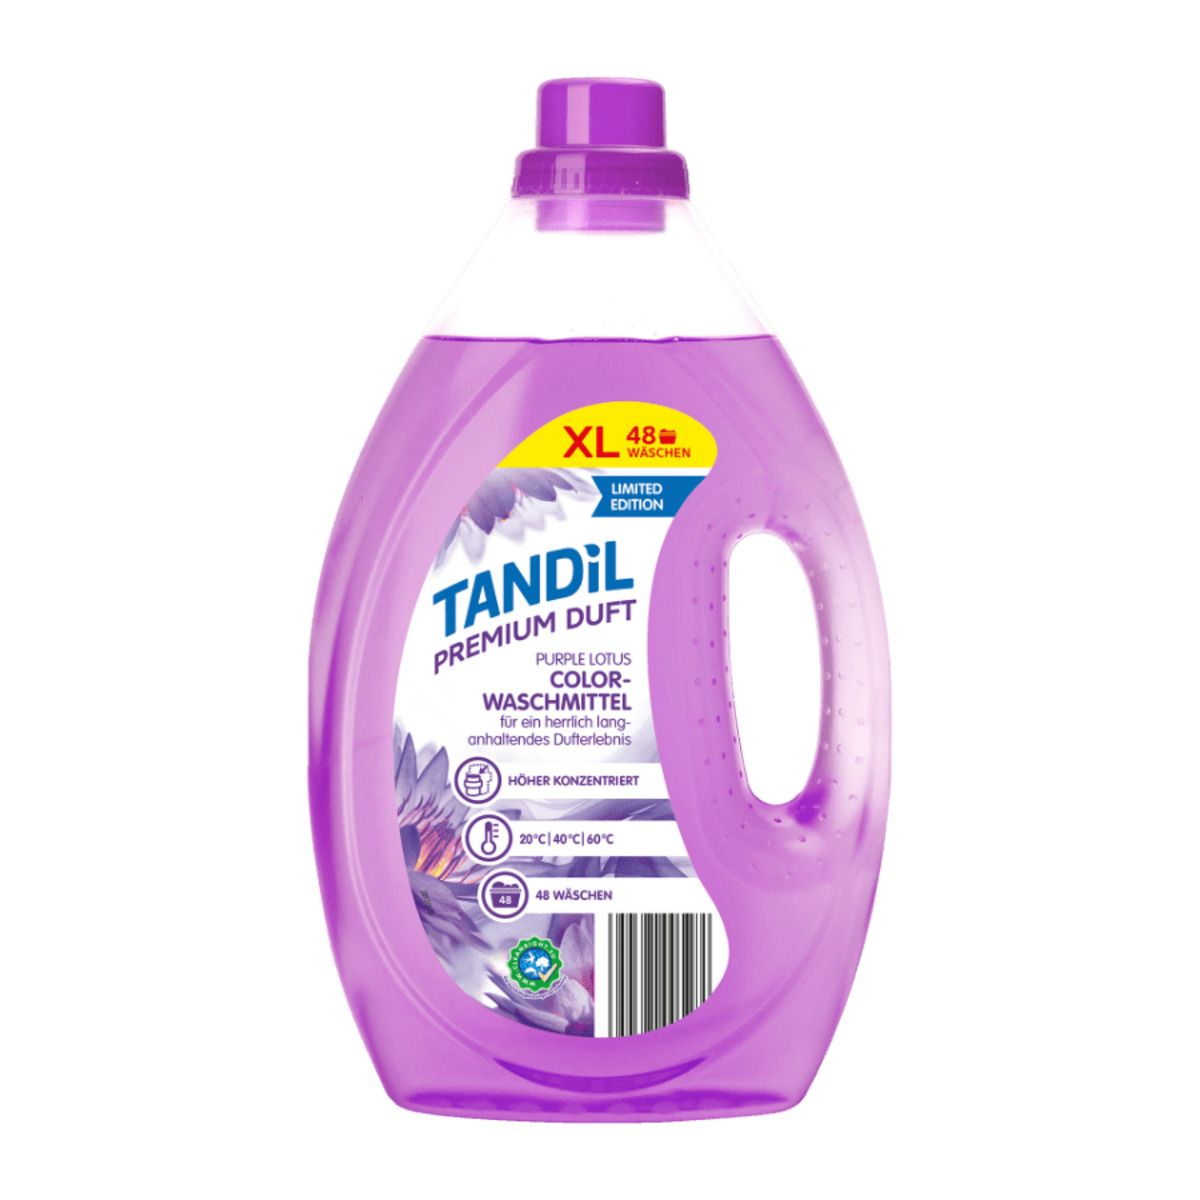 Bild 4 von TANDIL     Flüssigwaschmittel XL